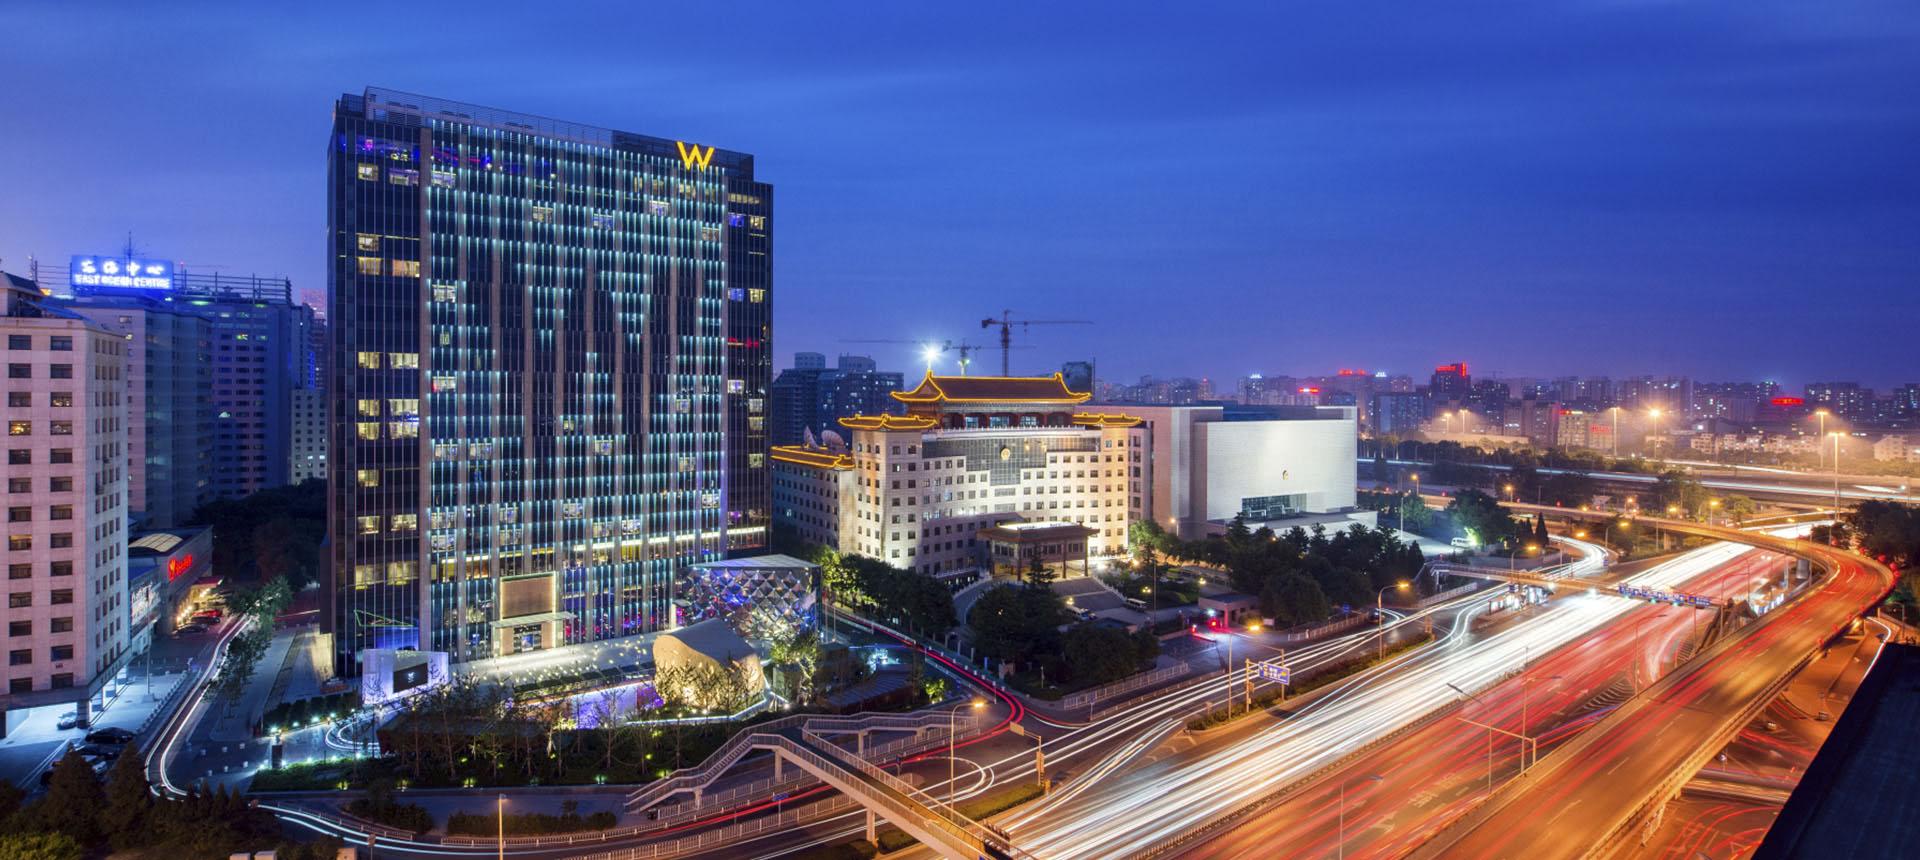 ارزان ترین هتل های پکن